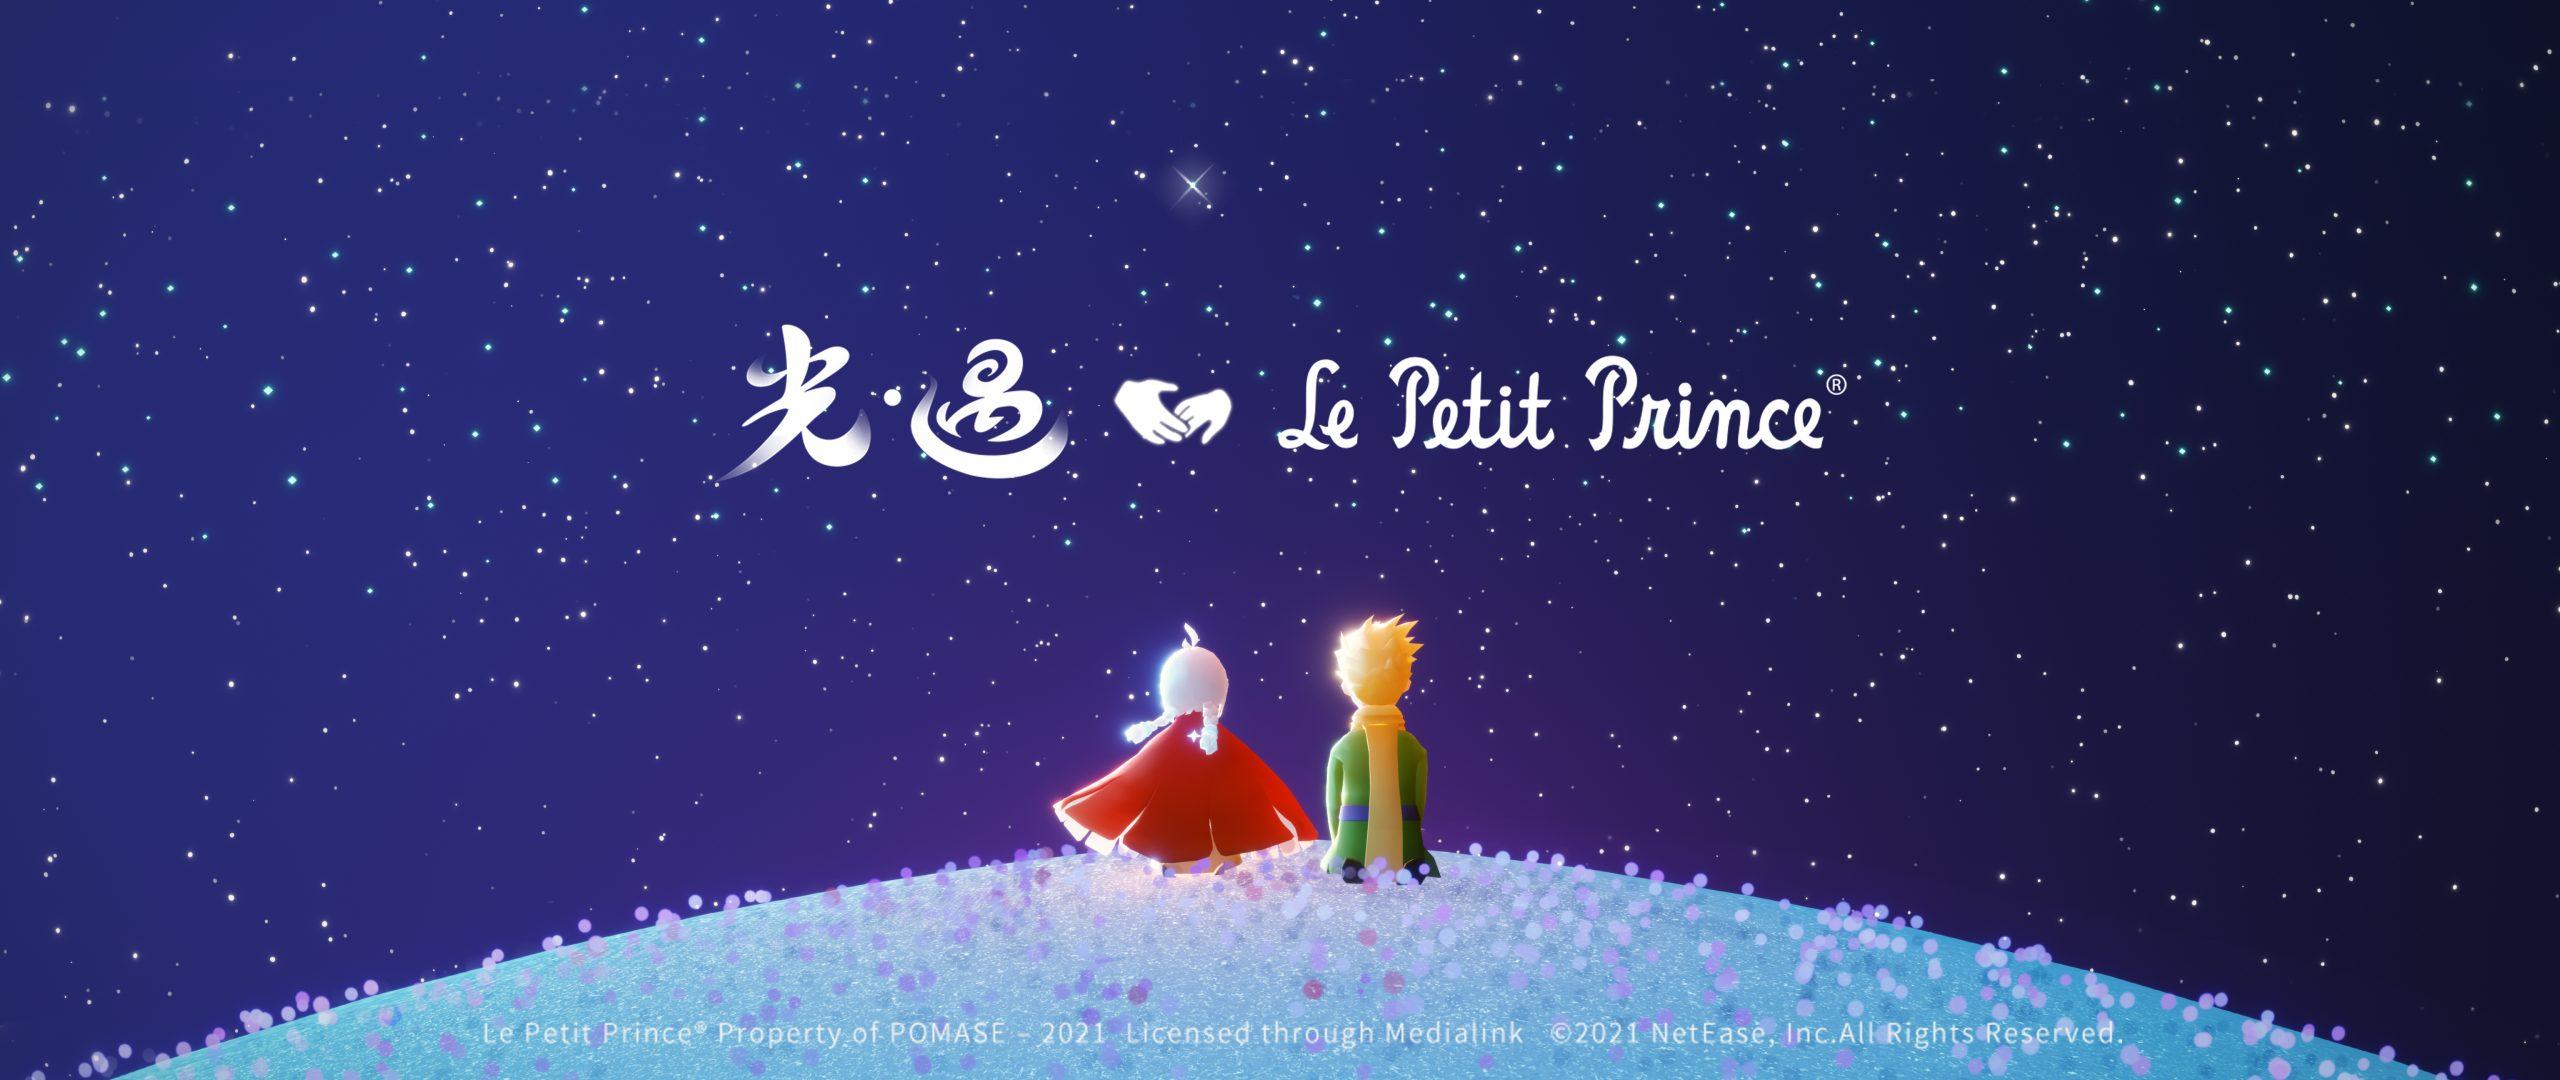 网易游戏代理《光·遇》与羚邦携手推出小王子季特别游戏版本